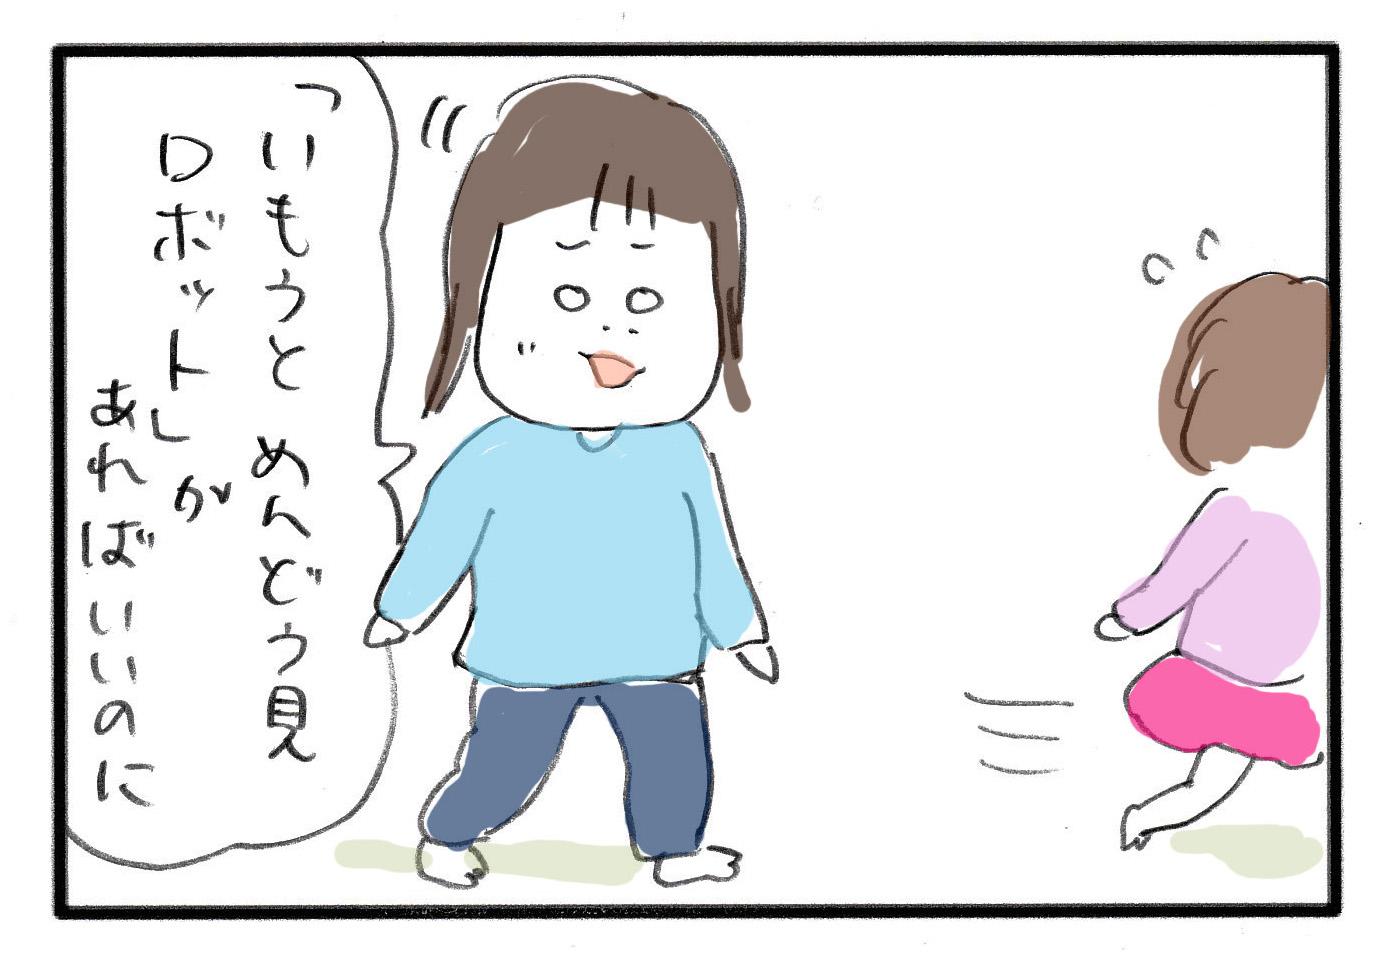 「あったらいいな」を自作自演?(笑)手のかかる妹の世話ロボット ロイ子の3姉妹日記